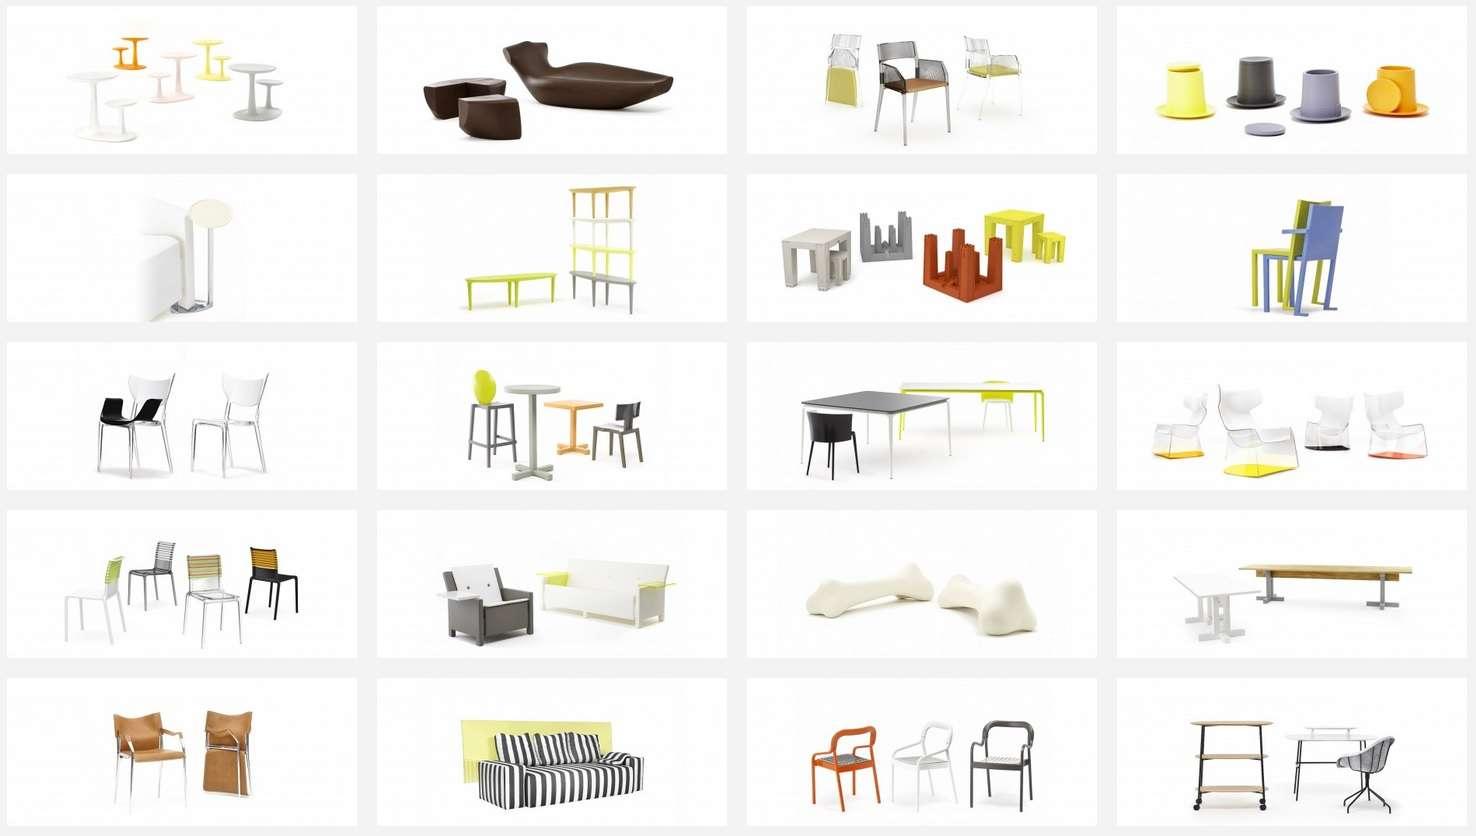 Les différentes familles de mobilier TOG. Bientôt, les utilisateurs pourront fabriquer eux-mêmes leur mobilier puis l'imprimer en 3D. © TOG